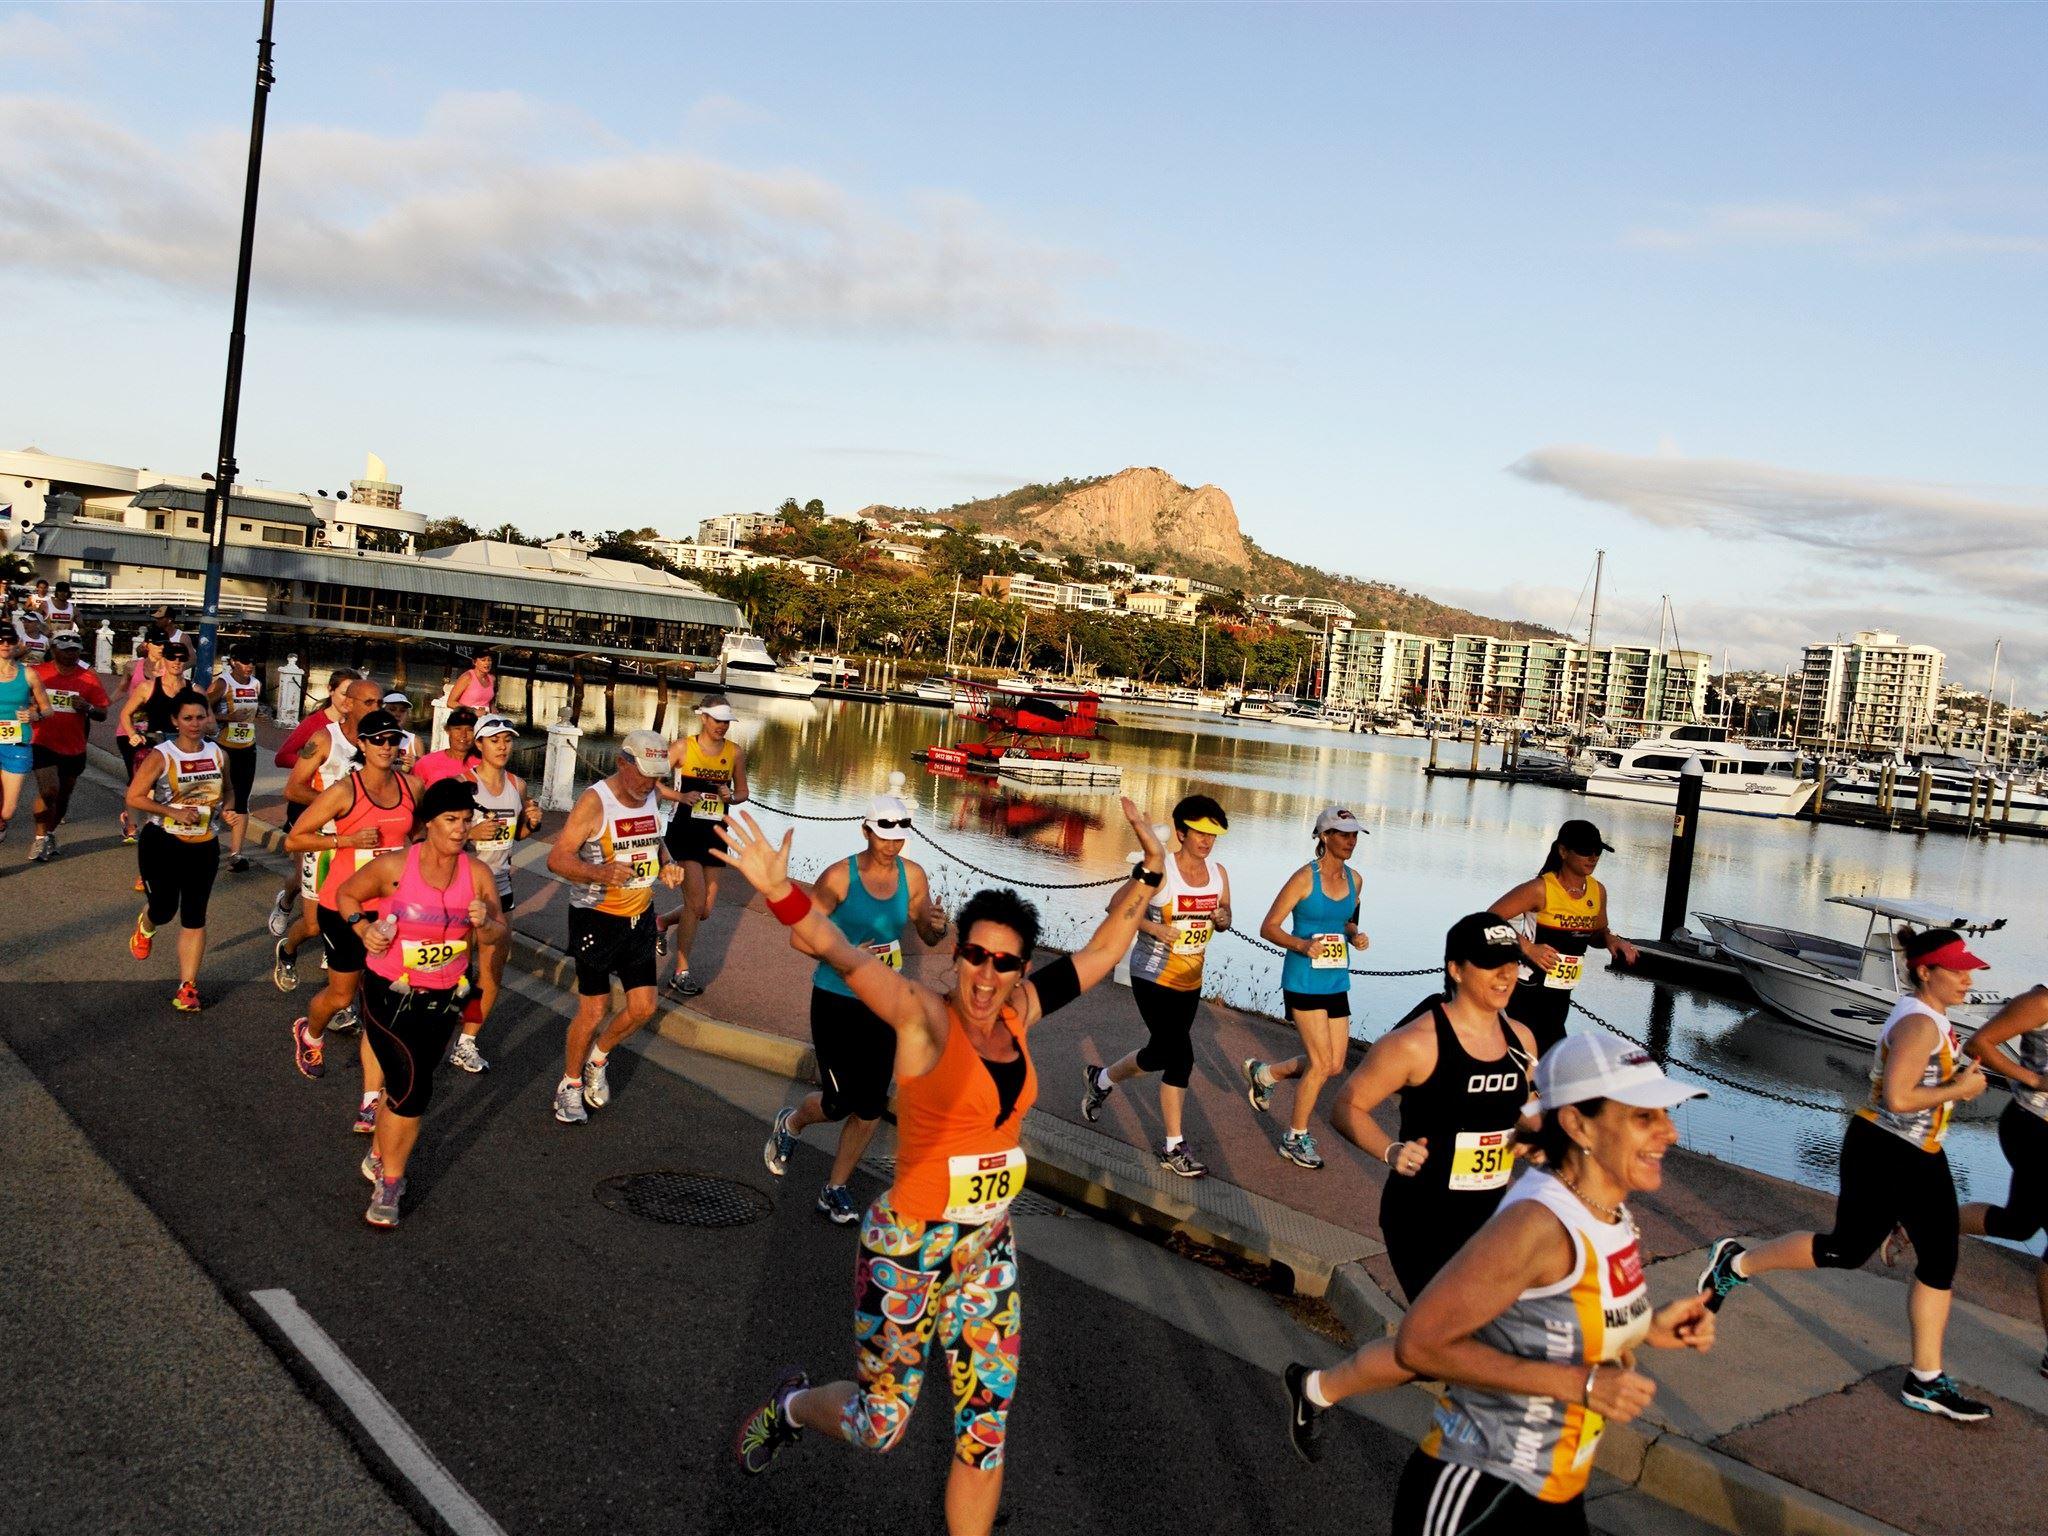 mcdonalds townsville marathon